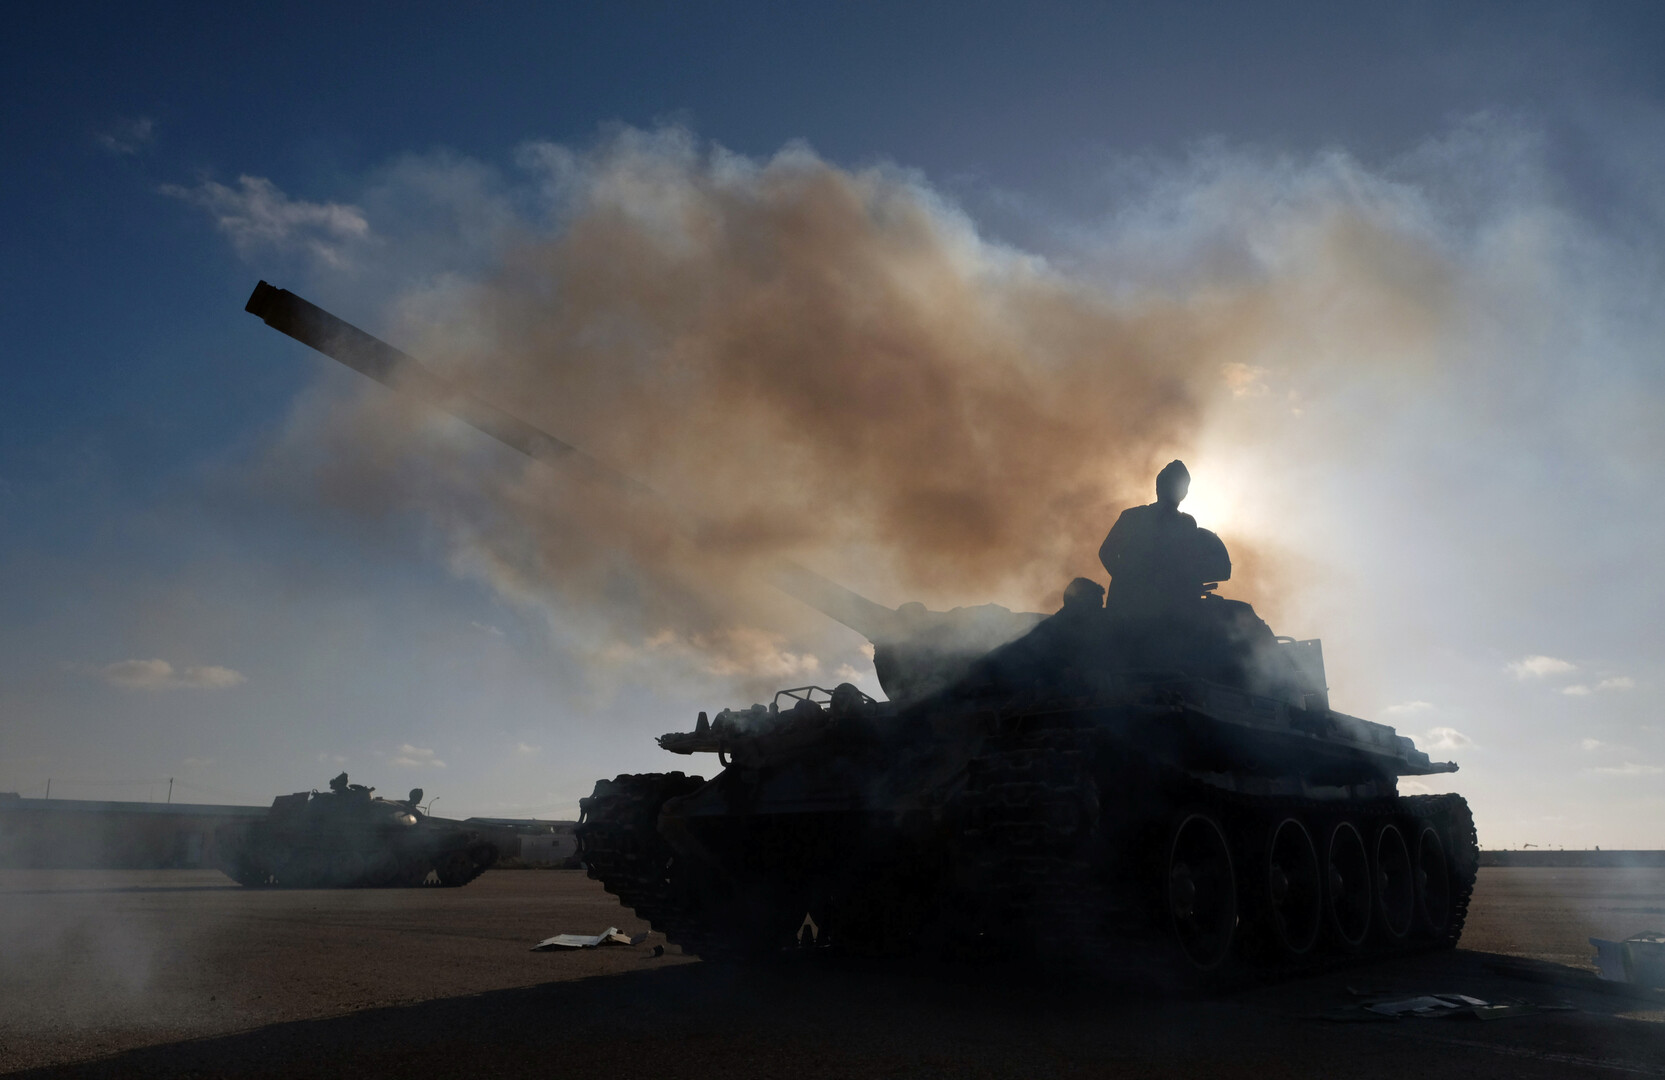 آمر لواء في جيش حفتر: القيادة حددت ساعة الصفر لاقتحام طرابلس.. نستنفر جميع قواتنا